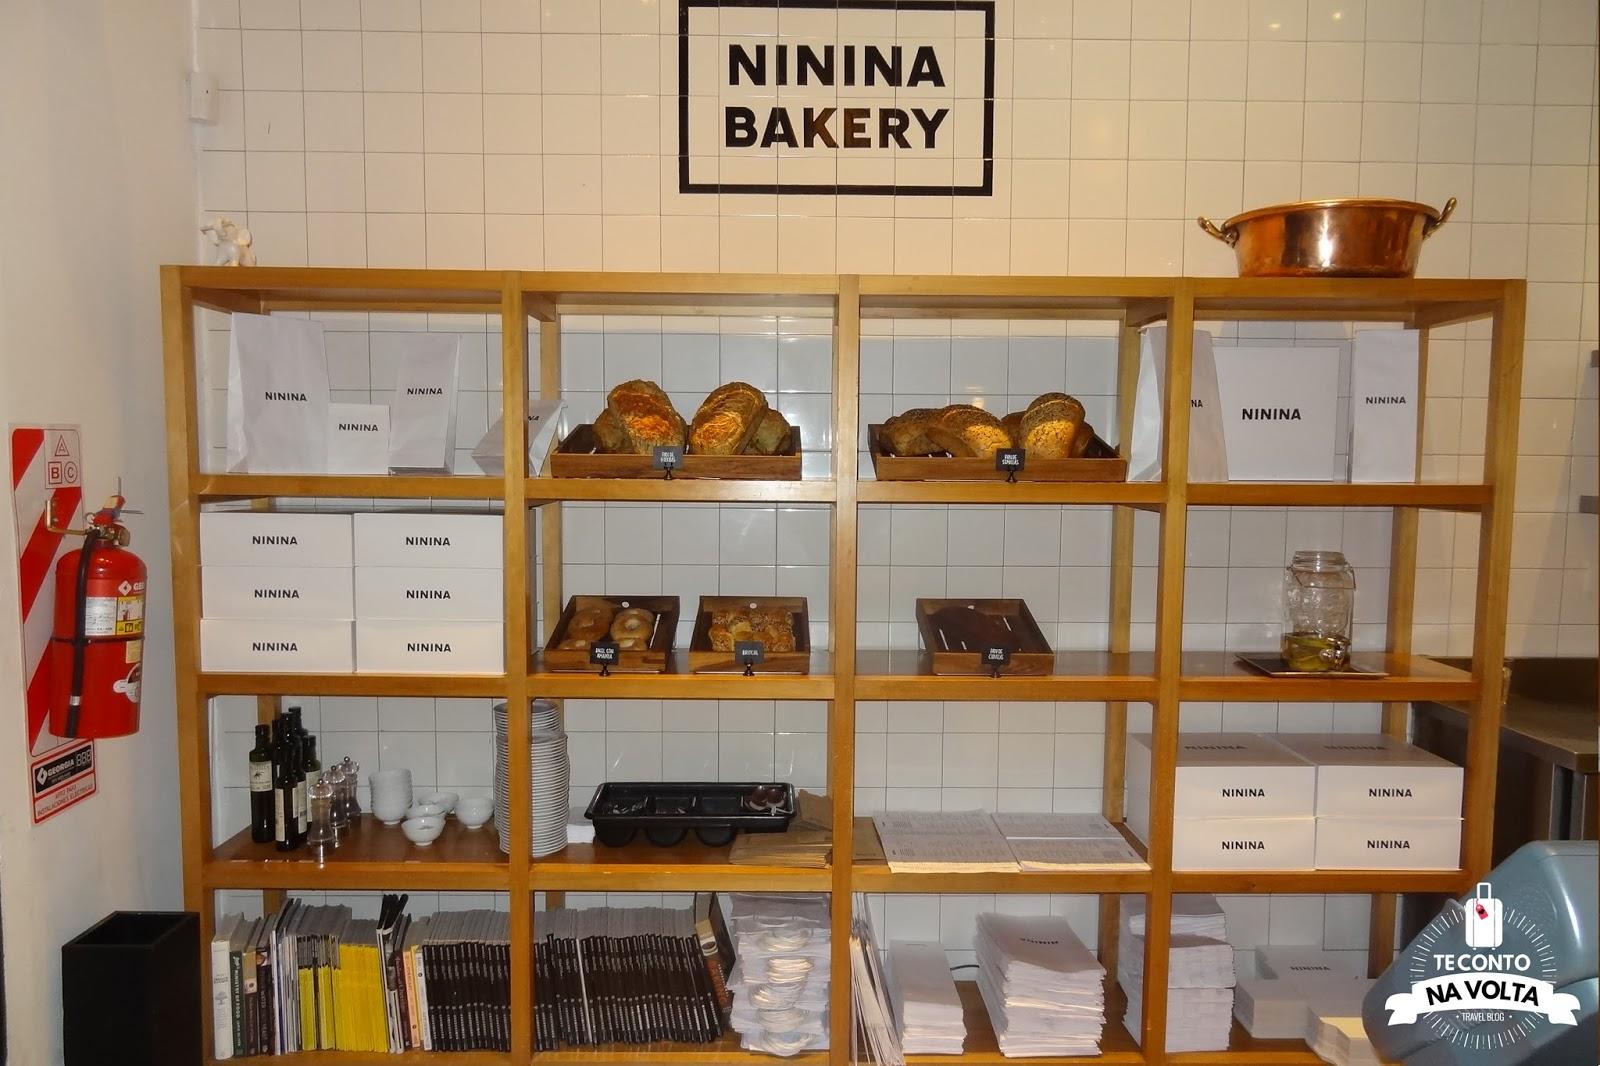 ninina-bakery-3